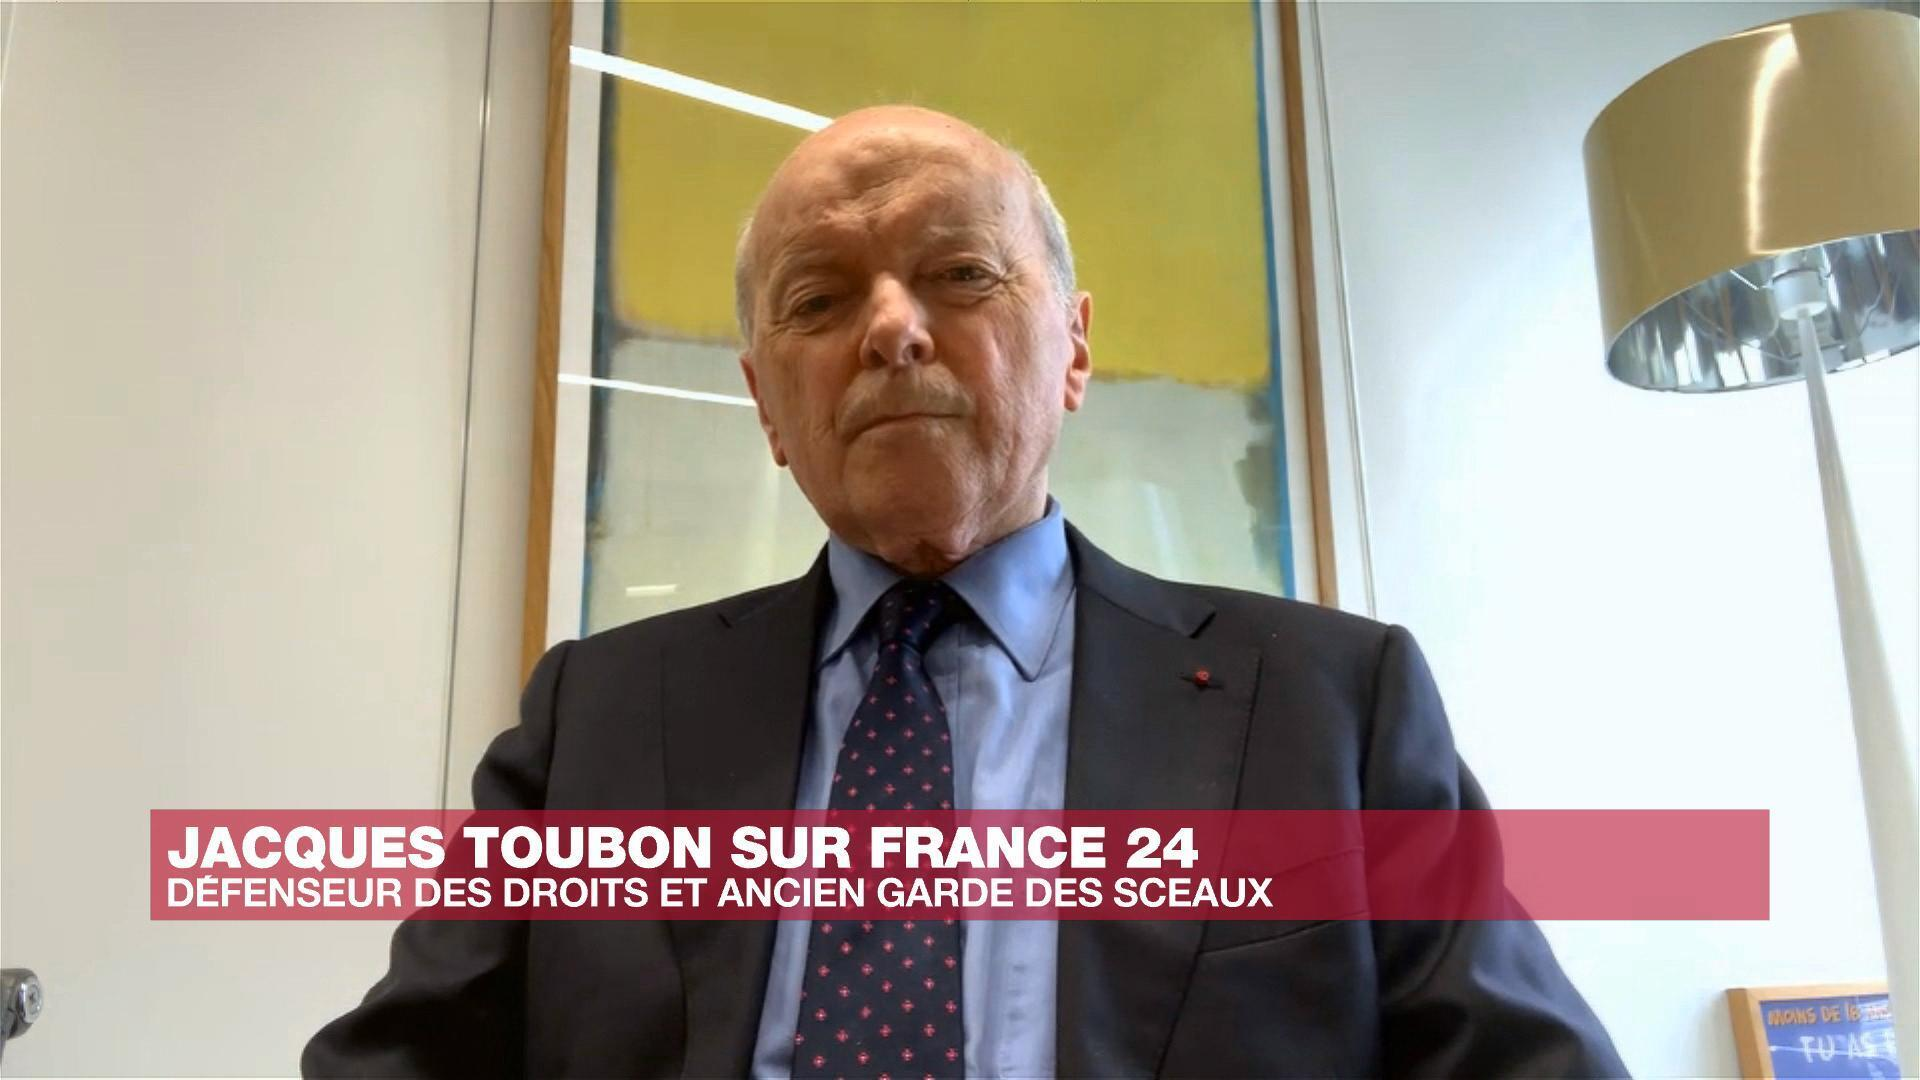 Le Défenseur des droits, Jacques Toubon